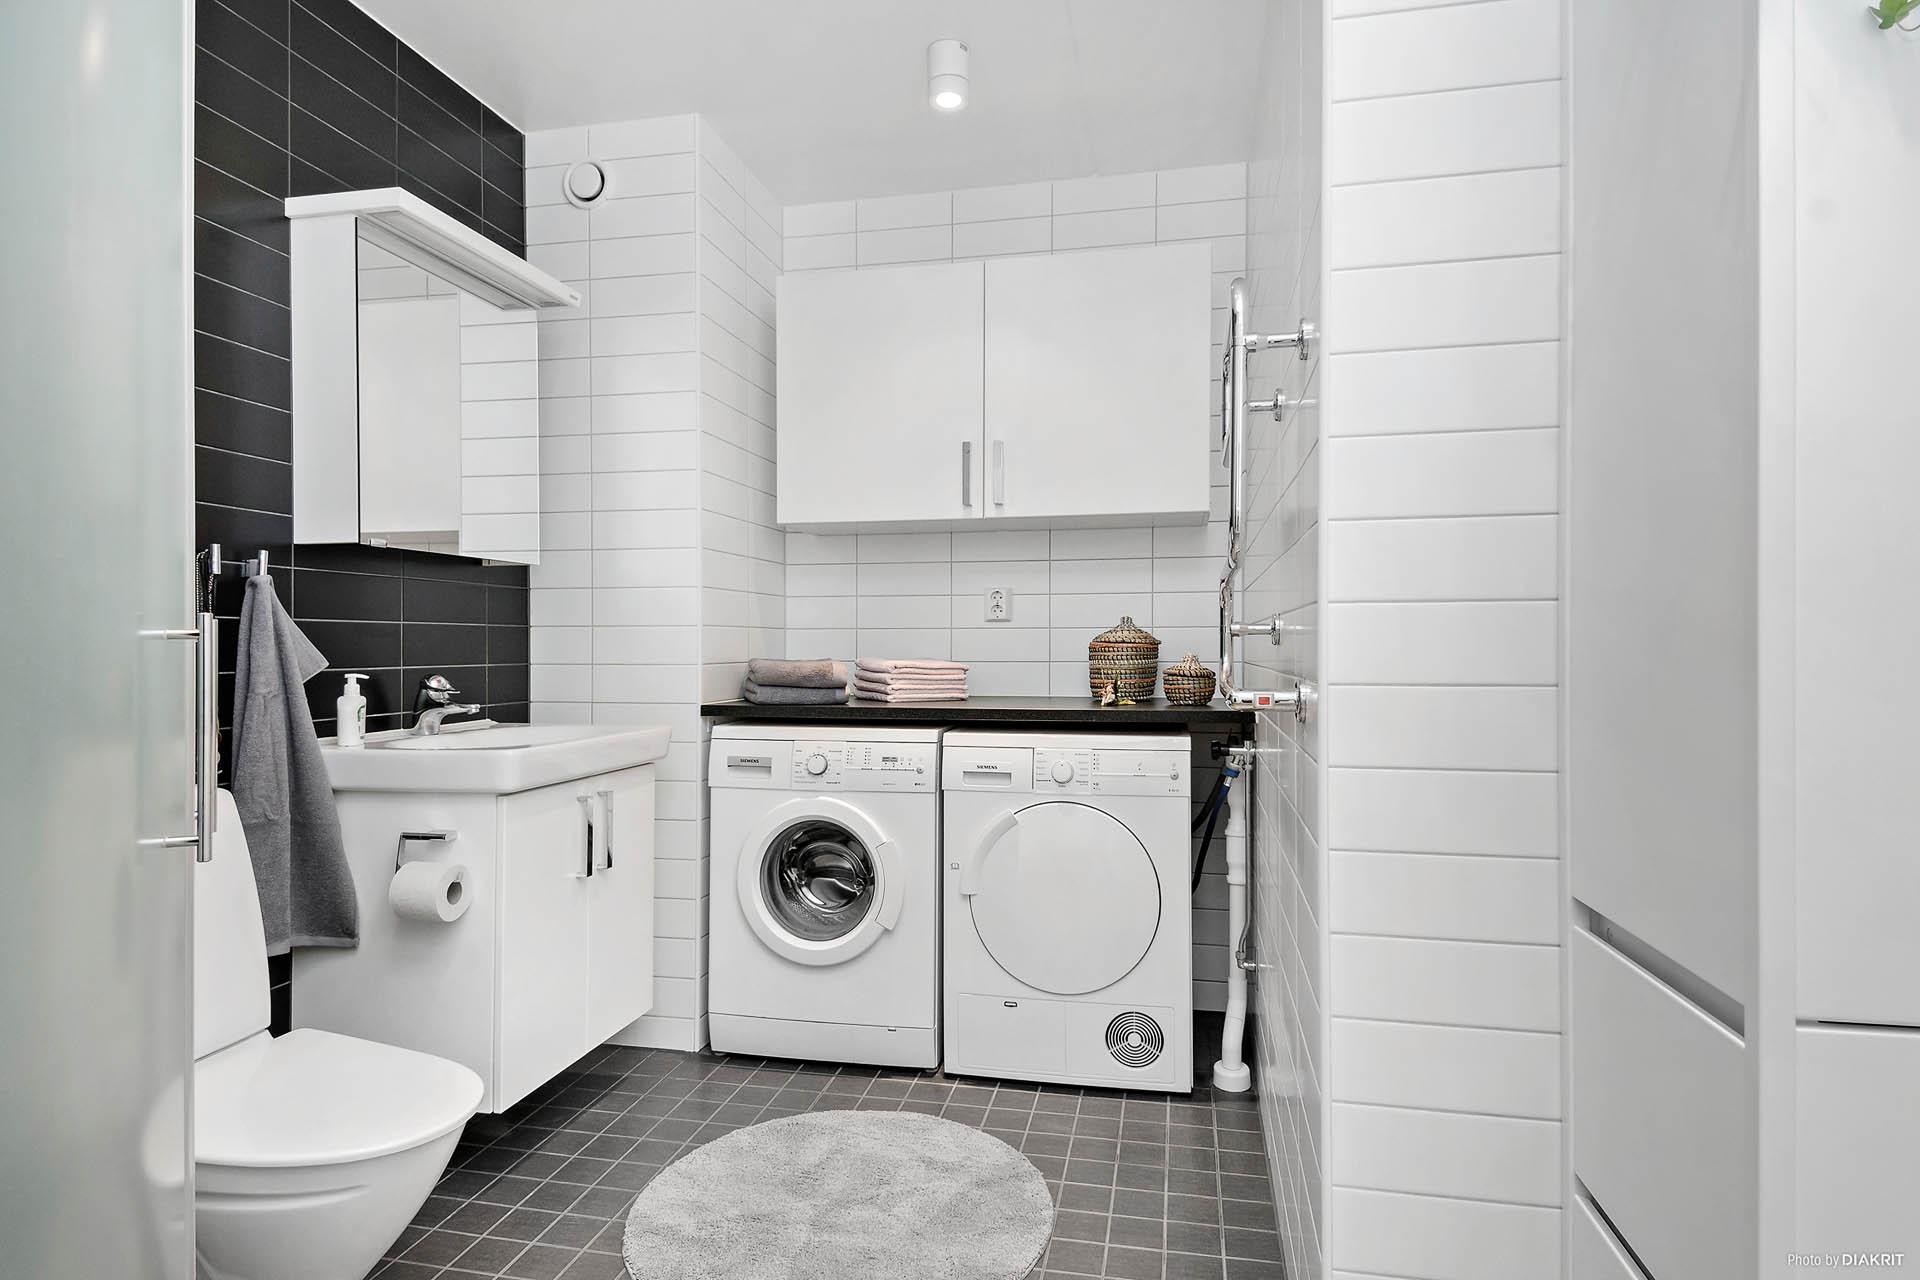 Helkaklat och modernt badrum med egen tvättmaskin och torktumlare